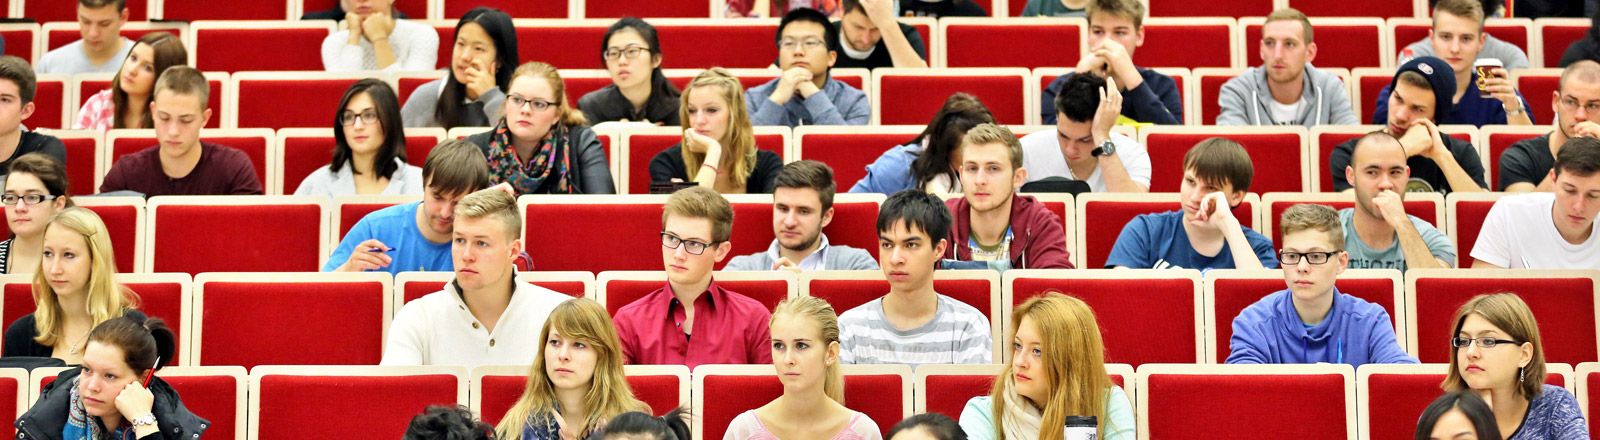 Studenten sitzen in verschiedenen Reihen in einem Hörsaal